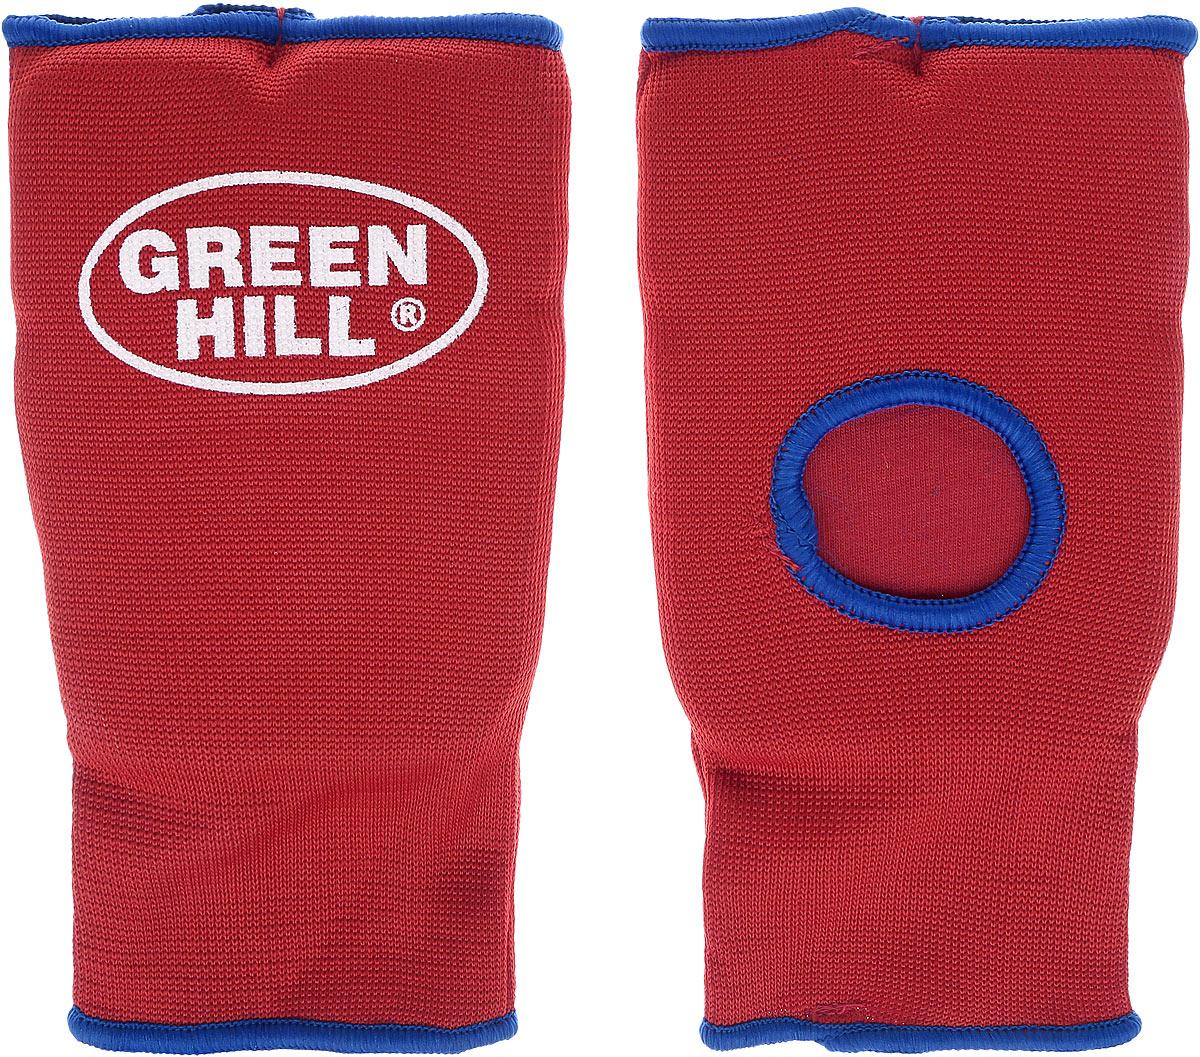 Защита на кисть Green Hill, цвет: красный, синий. Размер L. HP-0053SPC-6210Защита на кисть Green Hill предназначена для занятий различными видами единоборств. Она защищает руки от синяков, вывихов и ушибов. Защита изготовлена из хлопка с эластаном, мягкие вкладки изготовлены из вспененного полимера. Растягивается до 40%.